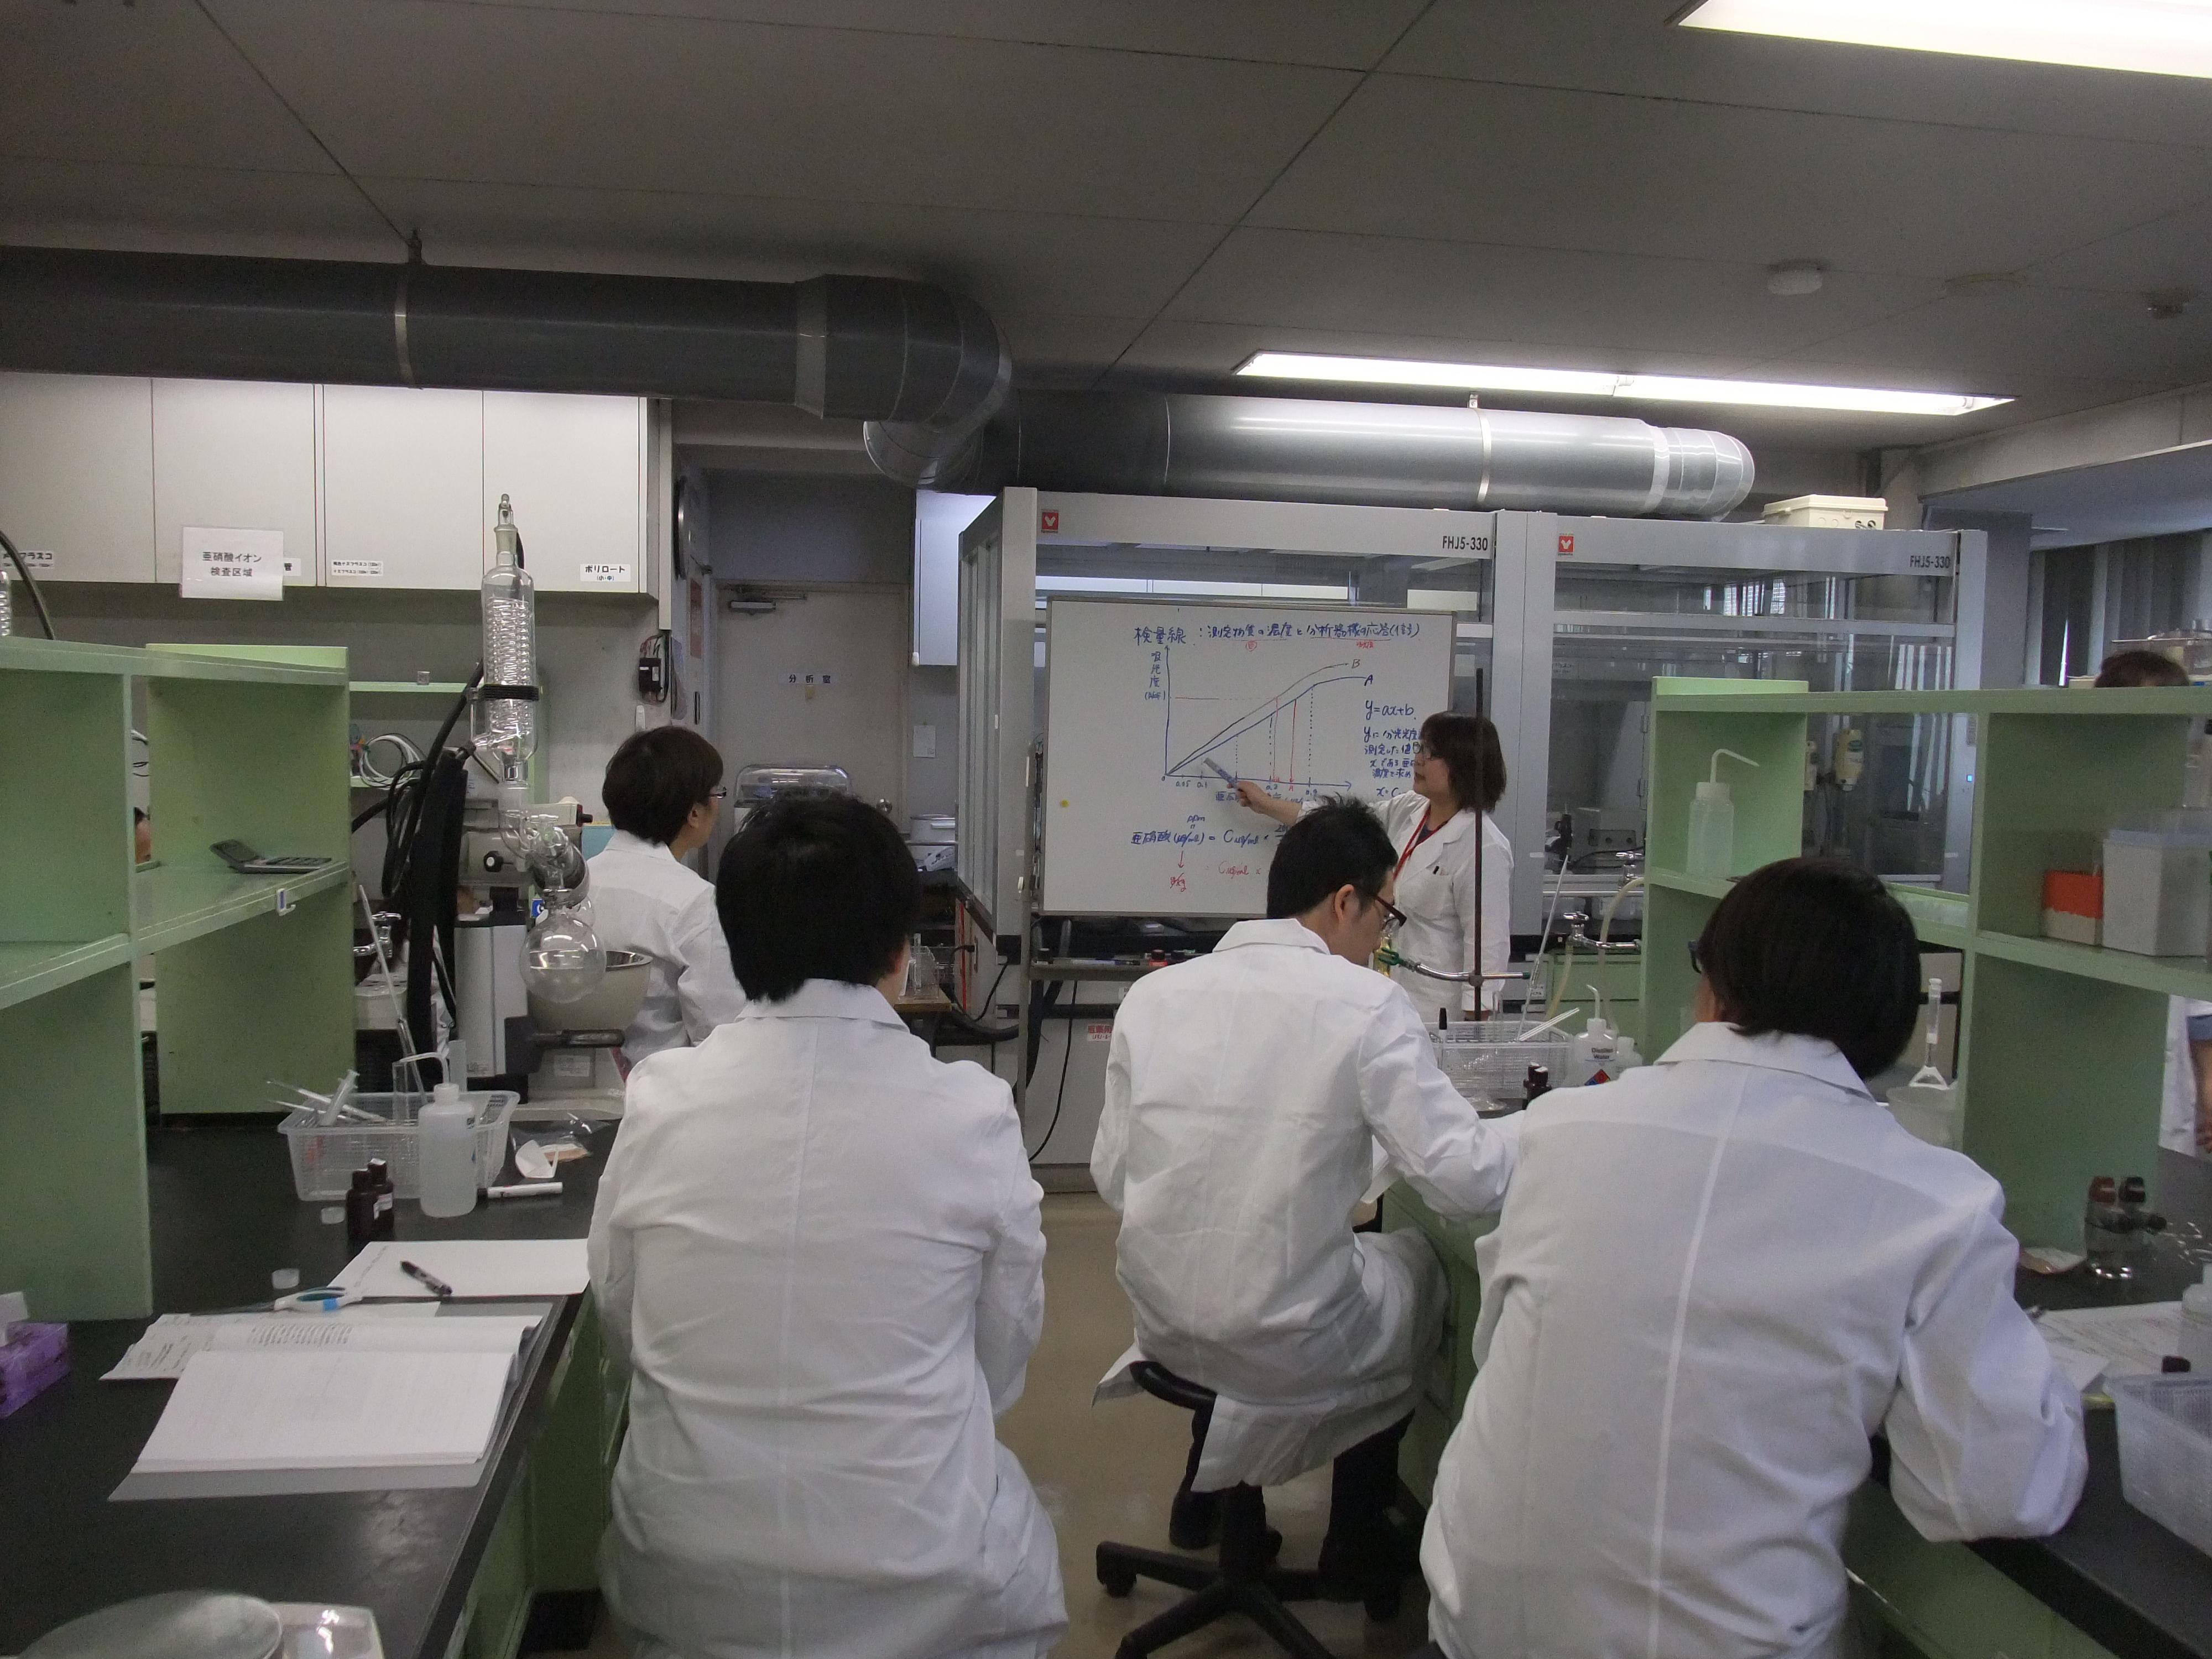 平成28年度 検査技術実技研修会のご案内 -微生物検査・亜硝酸根検査-(第2回終了)